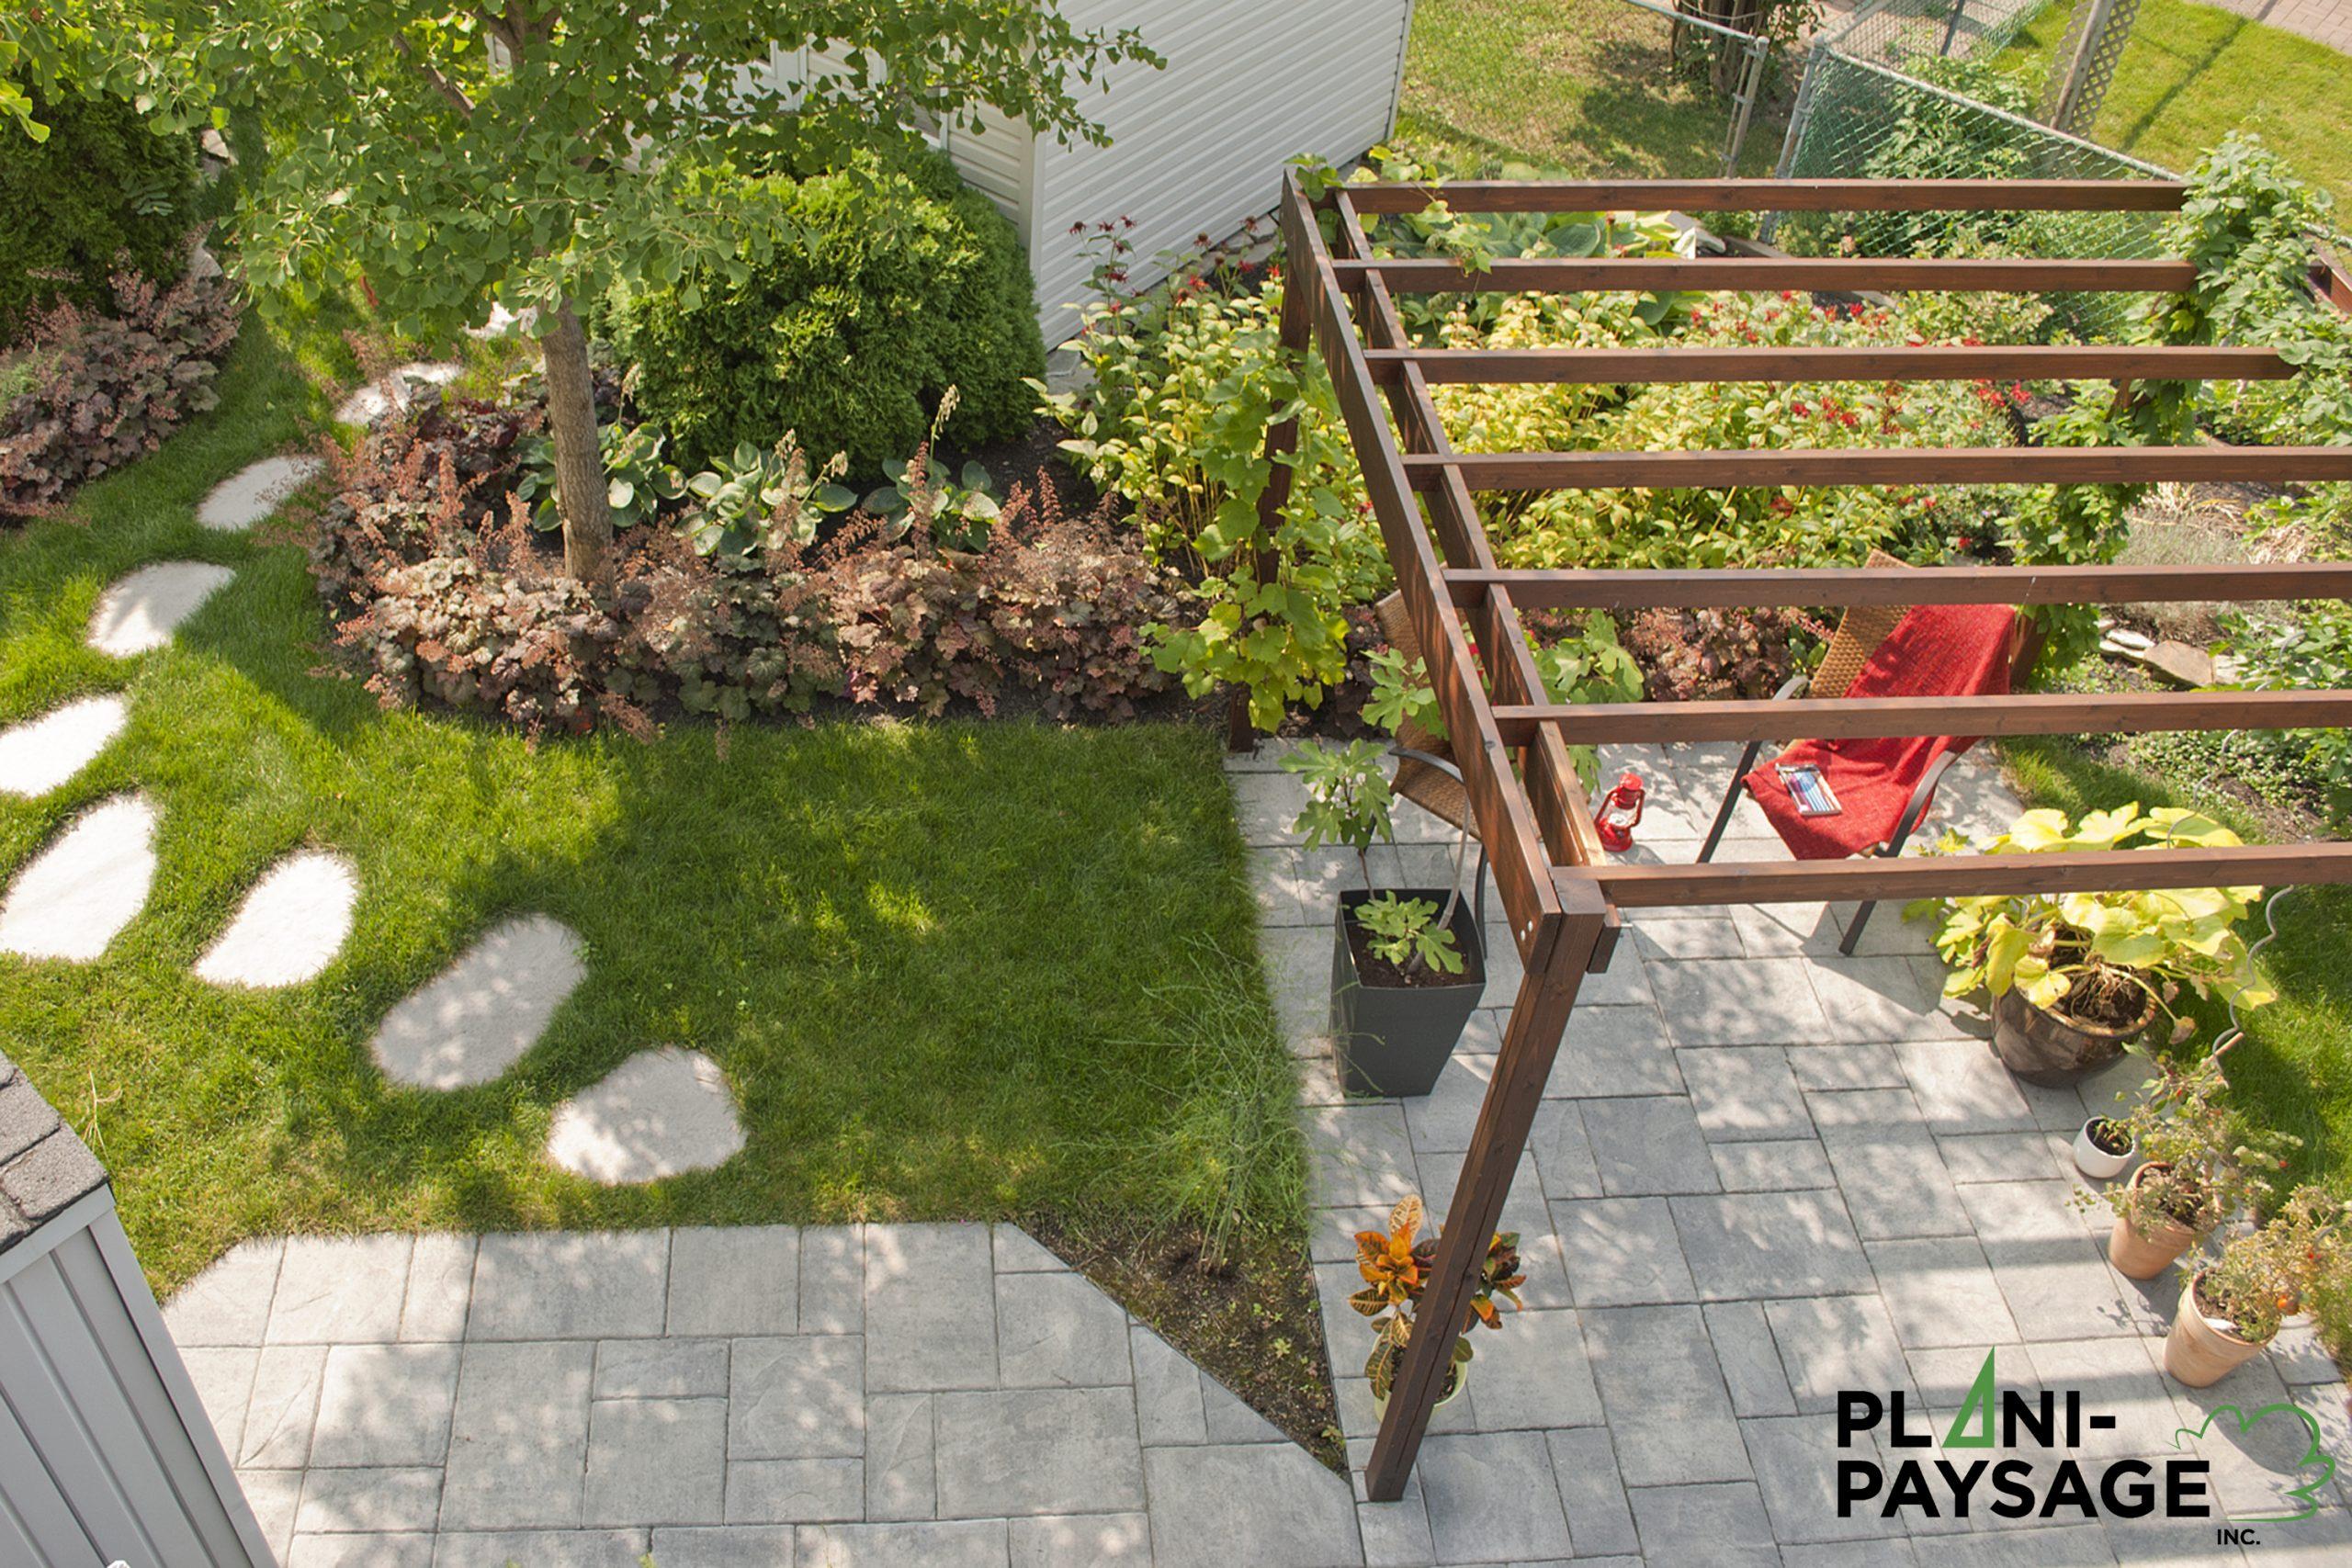 Exemples De Réalisations D'aménagements Paysagers - Plani ... pour Exemple D Aménagement De Jardin